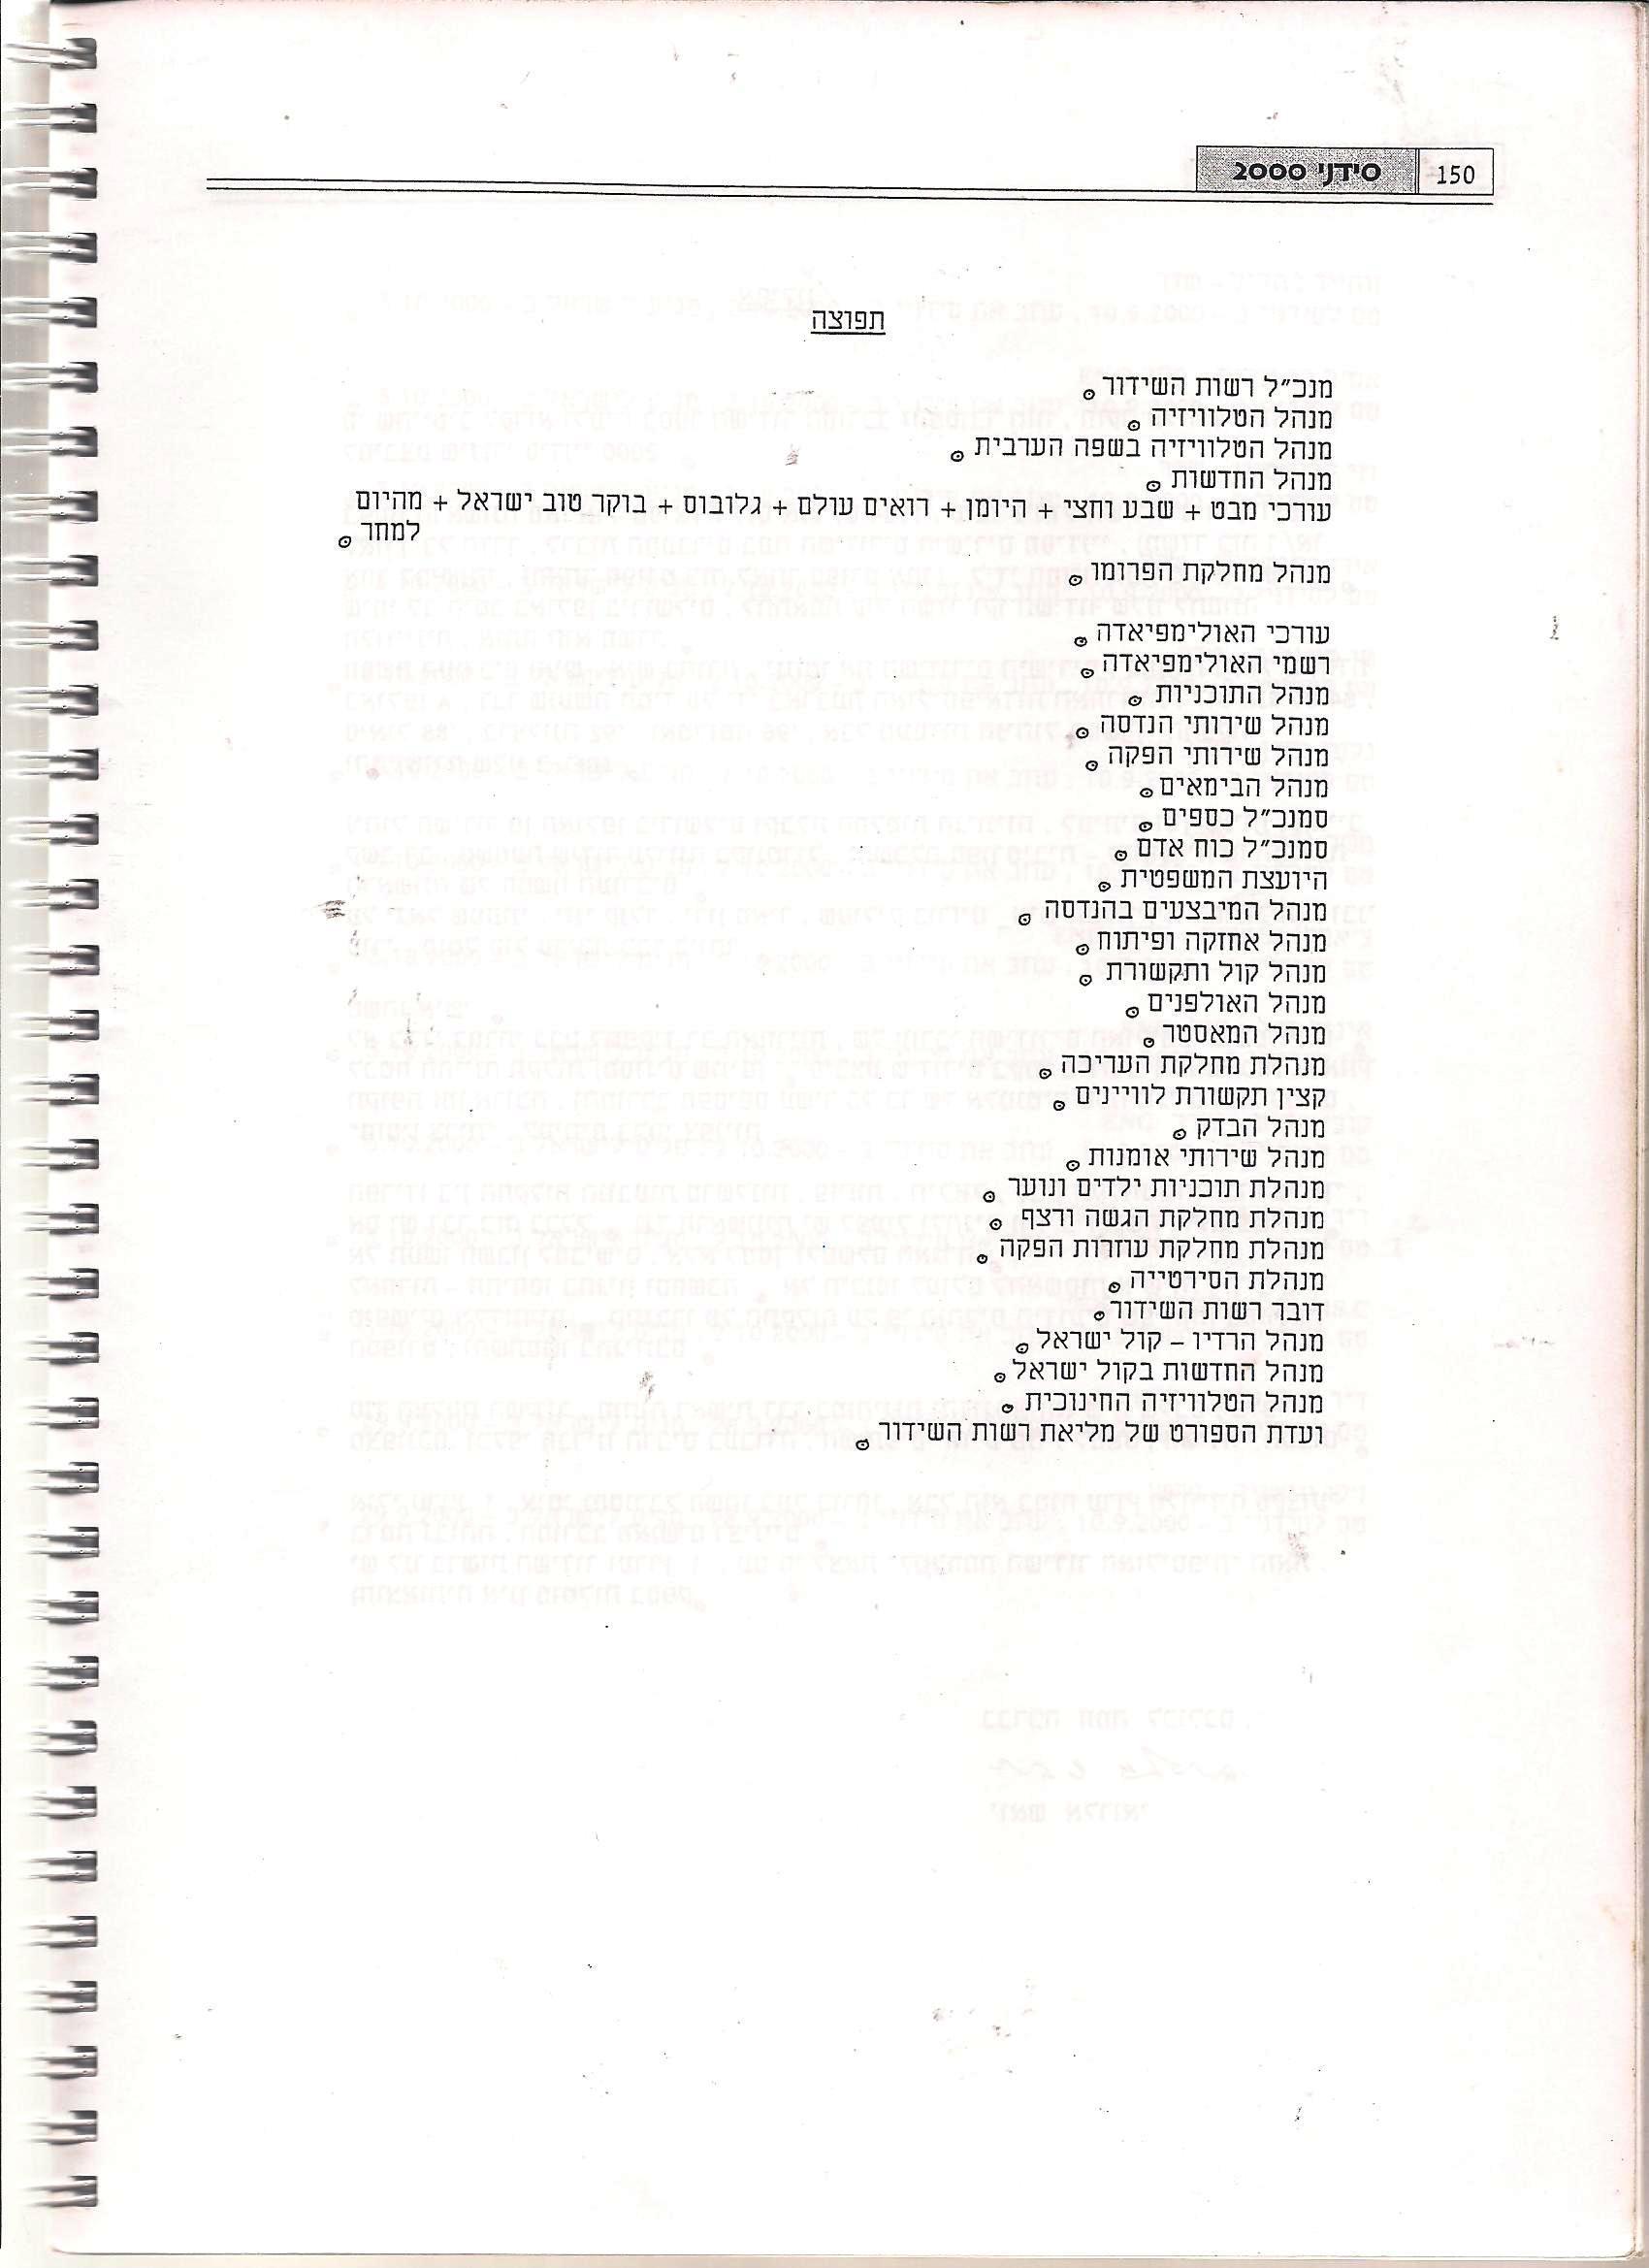 raport 36